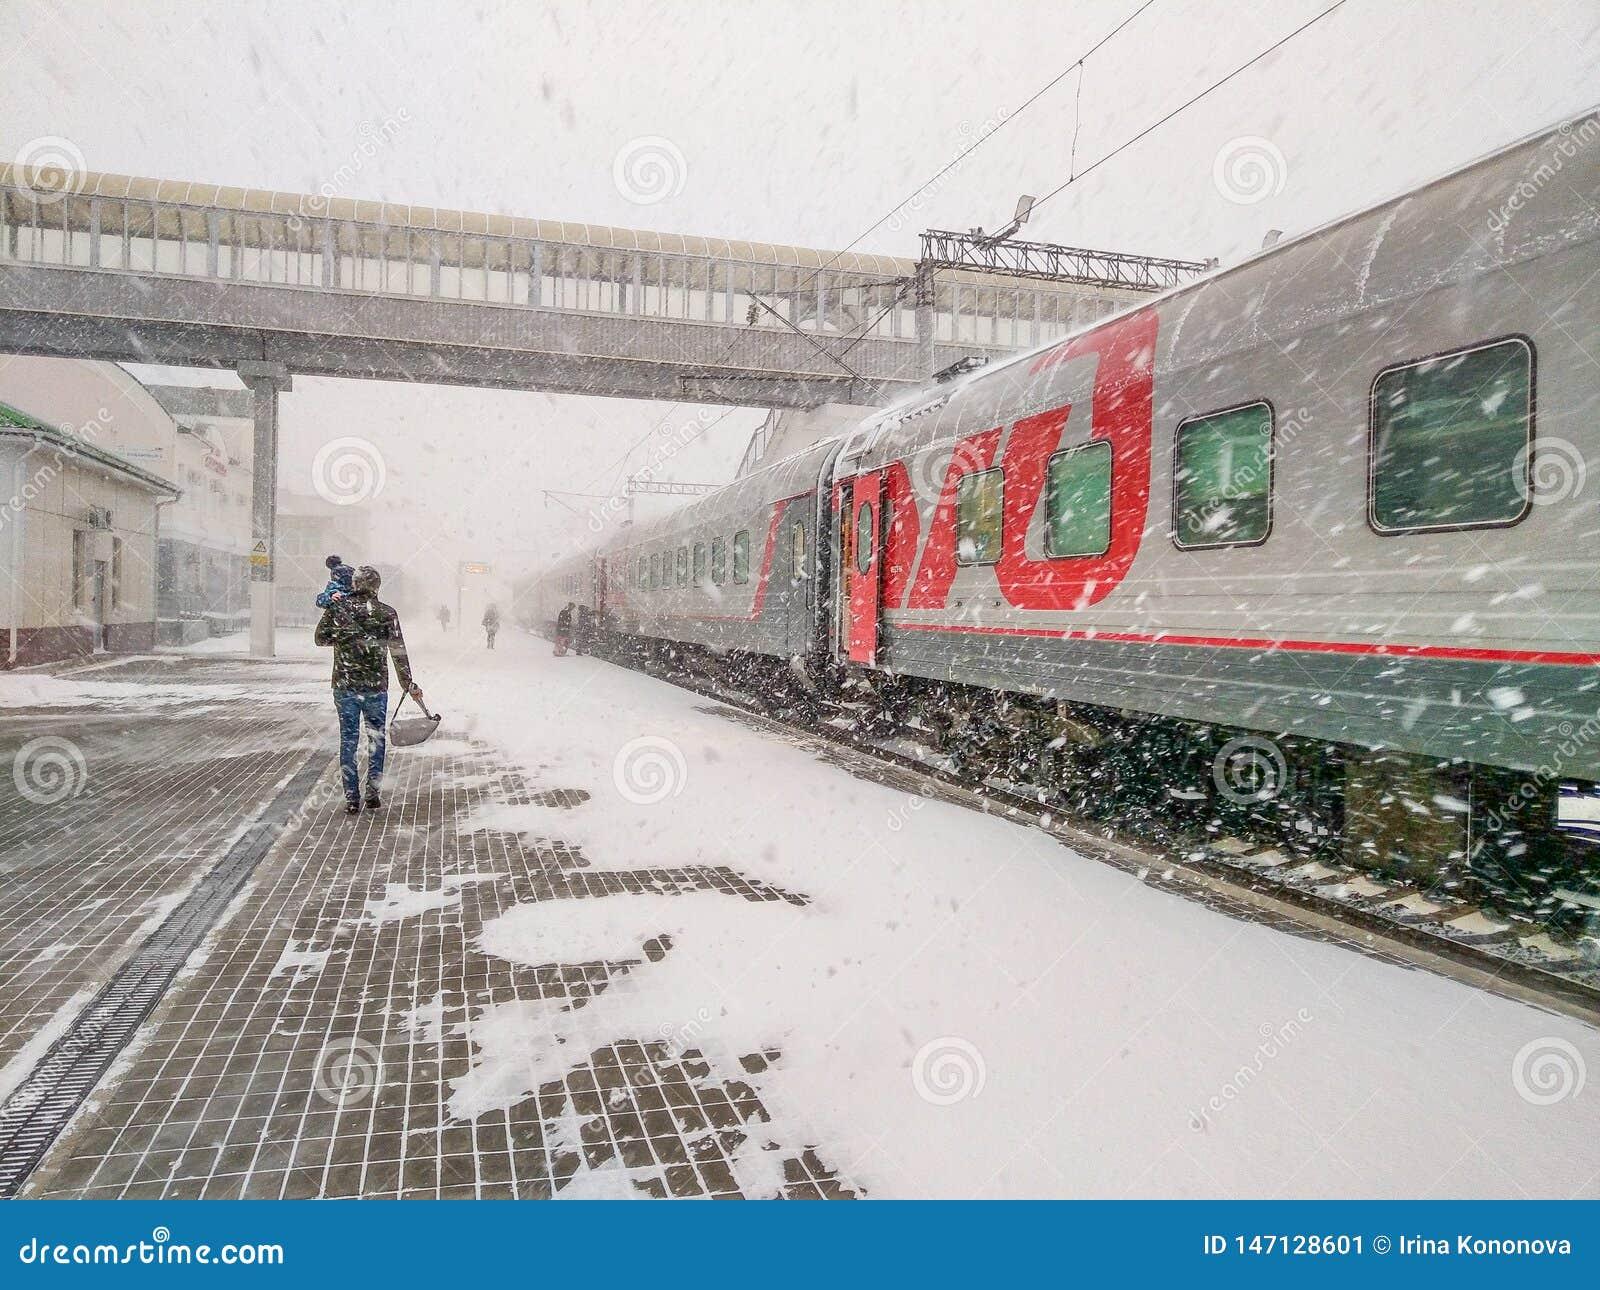 De trein Moskou-Vladivostok is bij de post Een mens met een kind landt